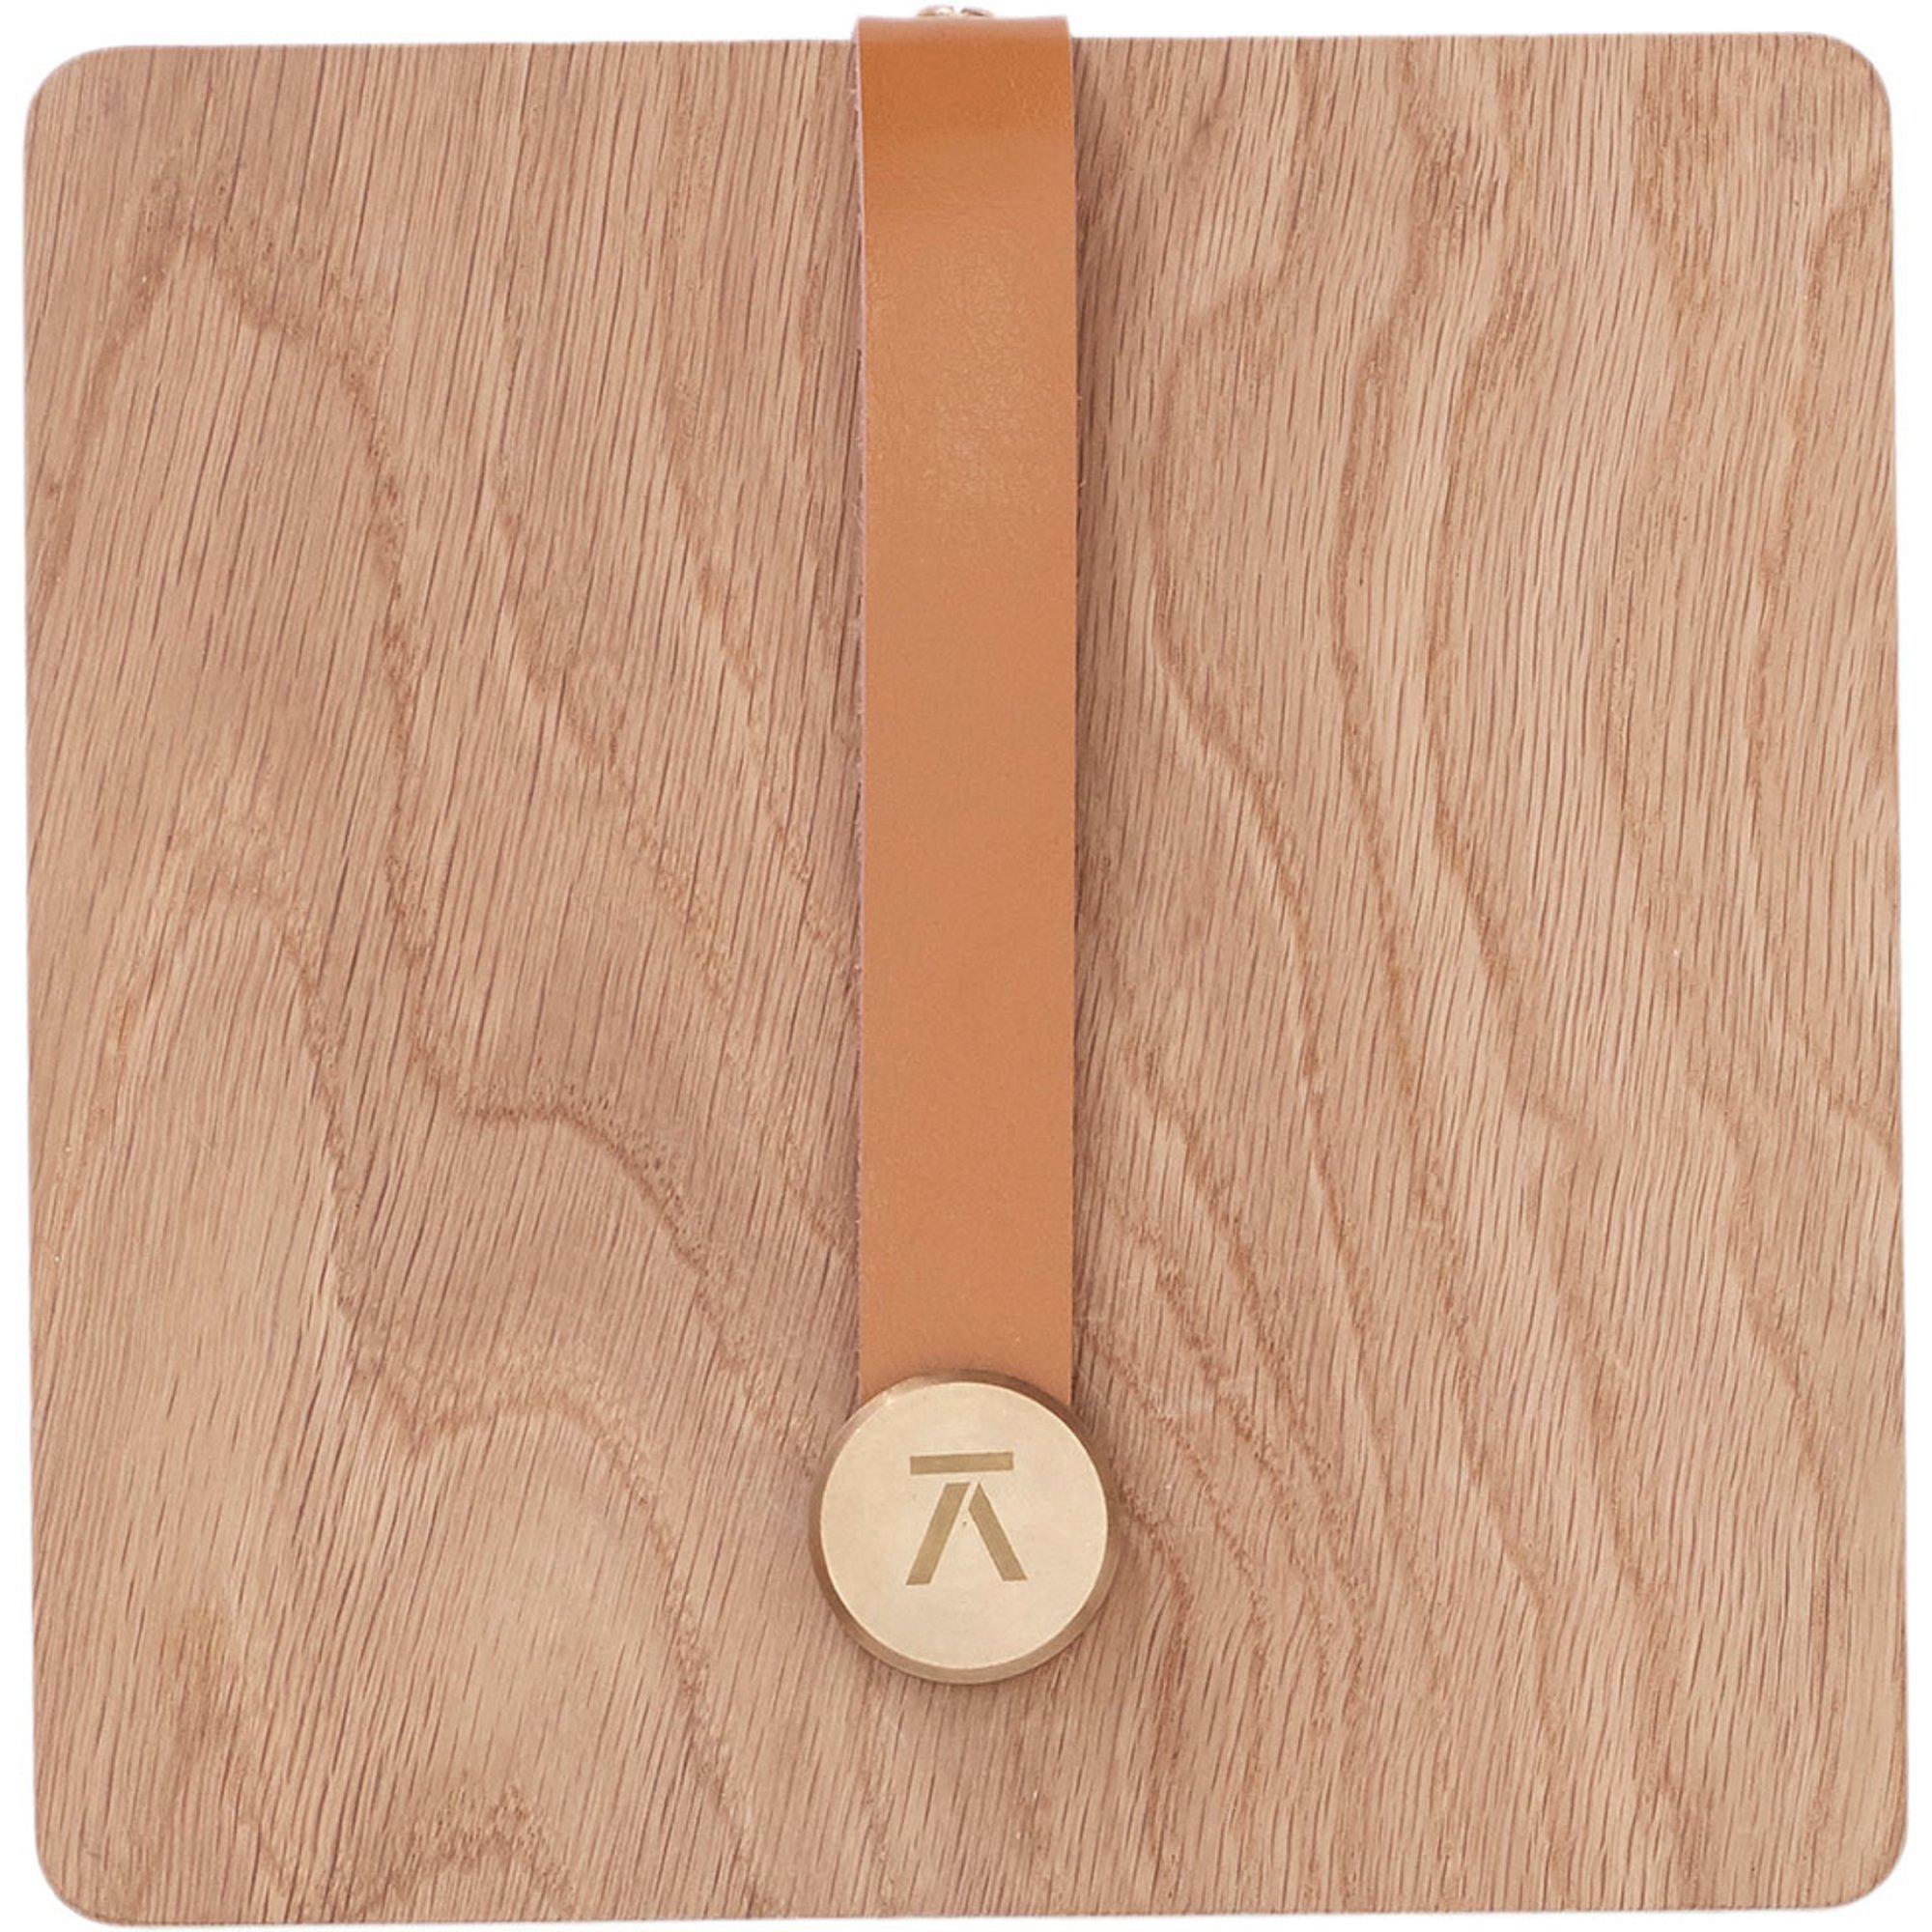 Andersen Furniture Servetthållare 18 x 18 cm